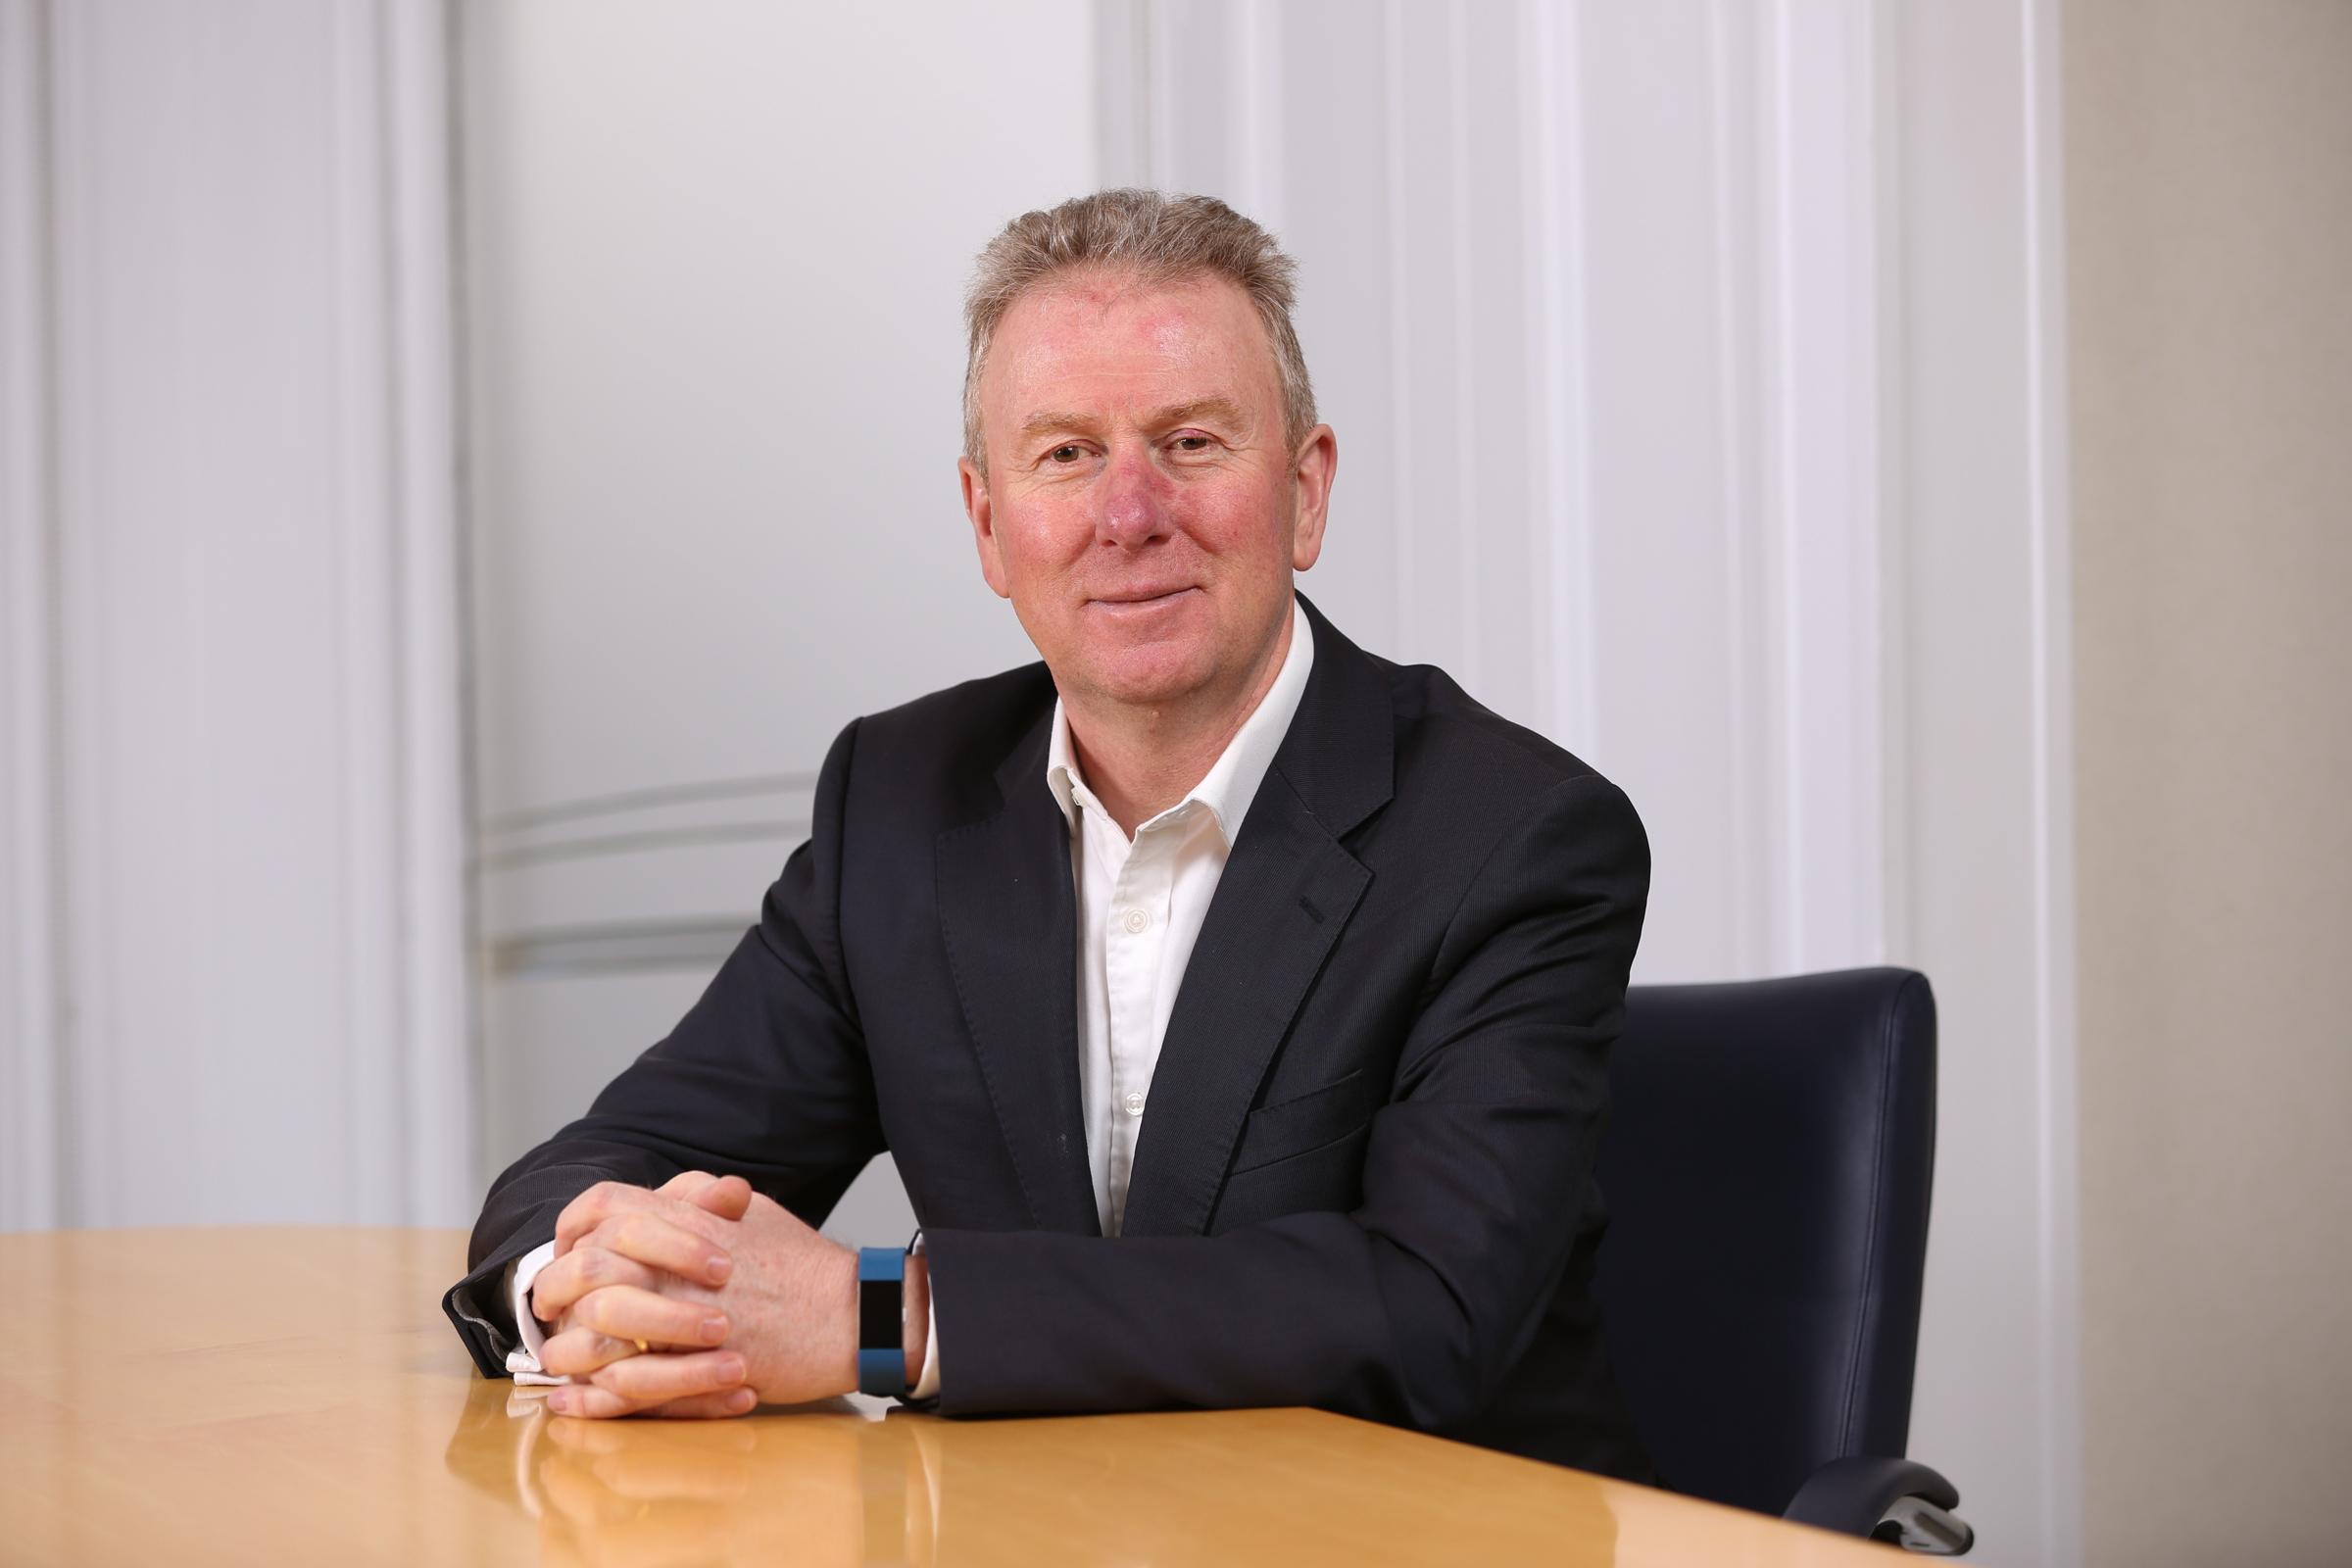 Gavin Prise, Chariman, Westwood Global Energy Group.